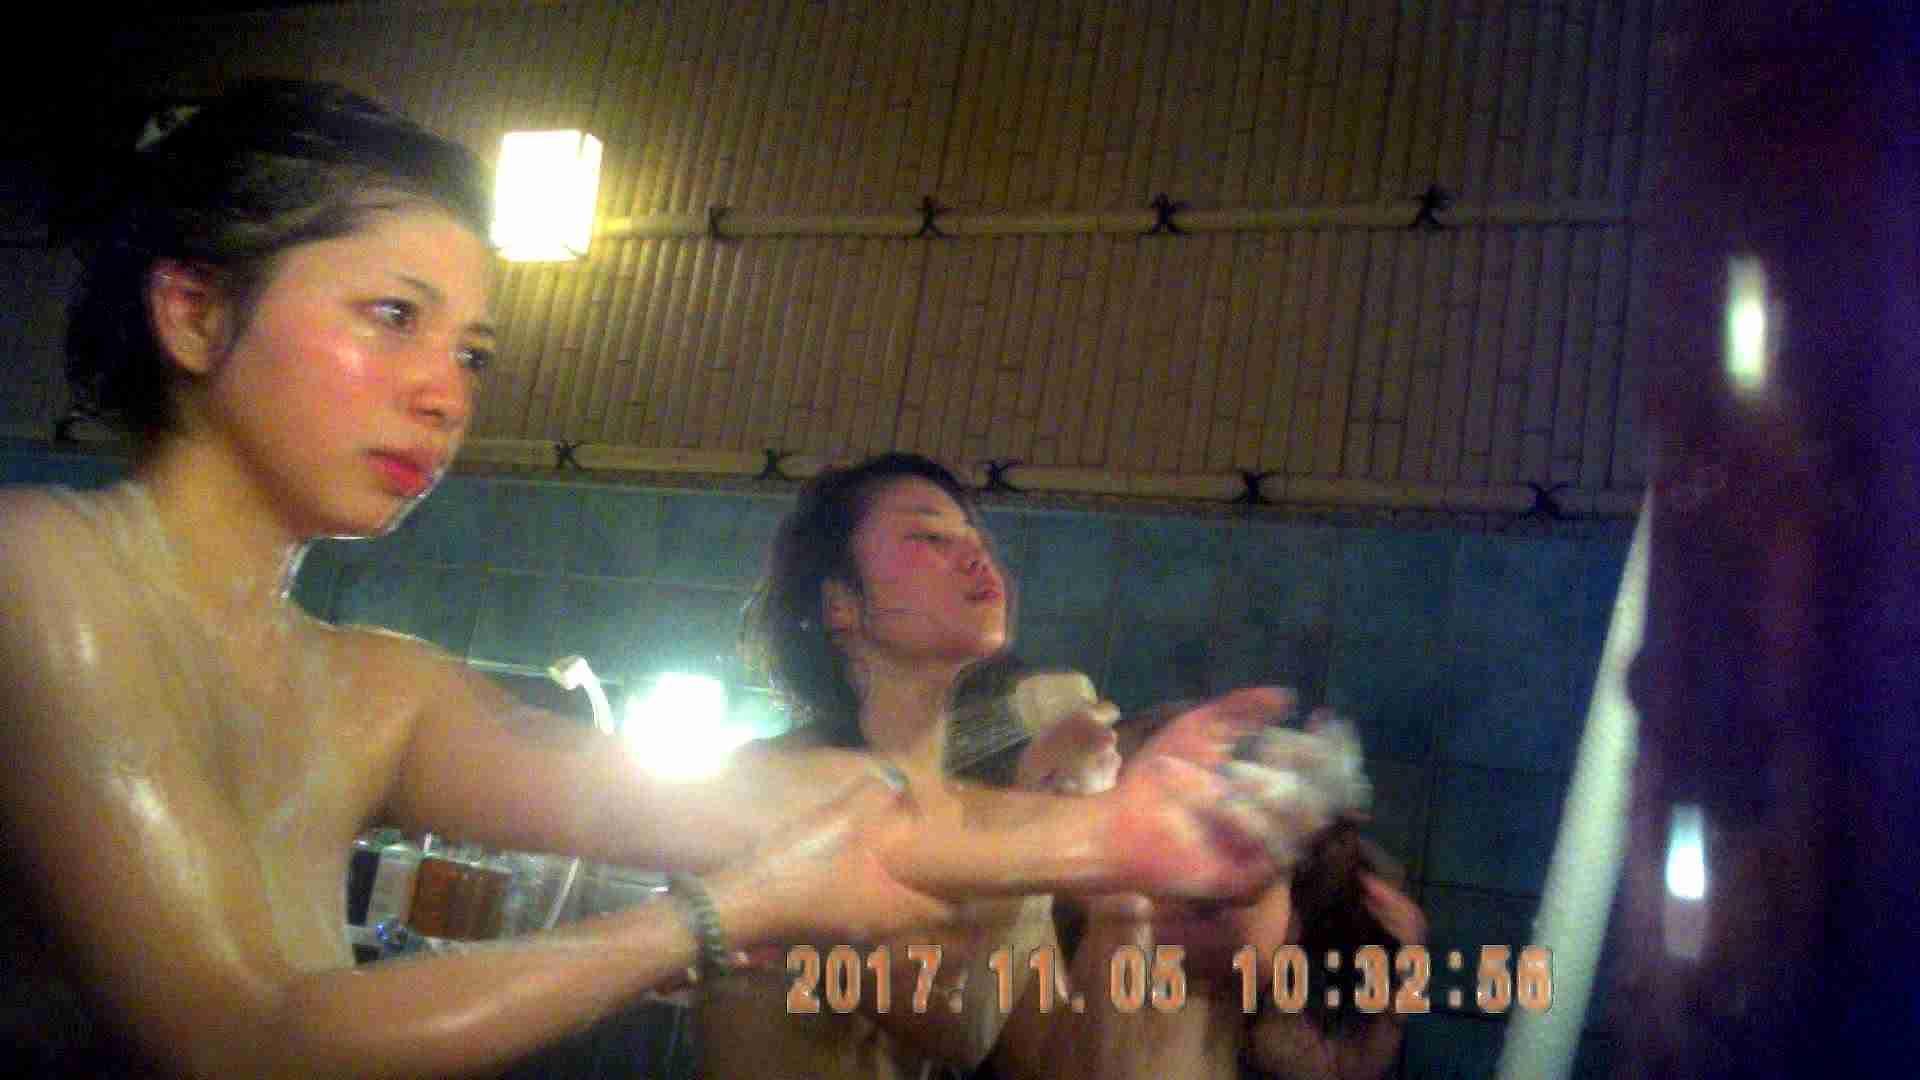 TG.07 【上等兵】顔立ちはっきりオッパイもっちりのお嬢さん 女湯 えろ無修正画像 62画像 46